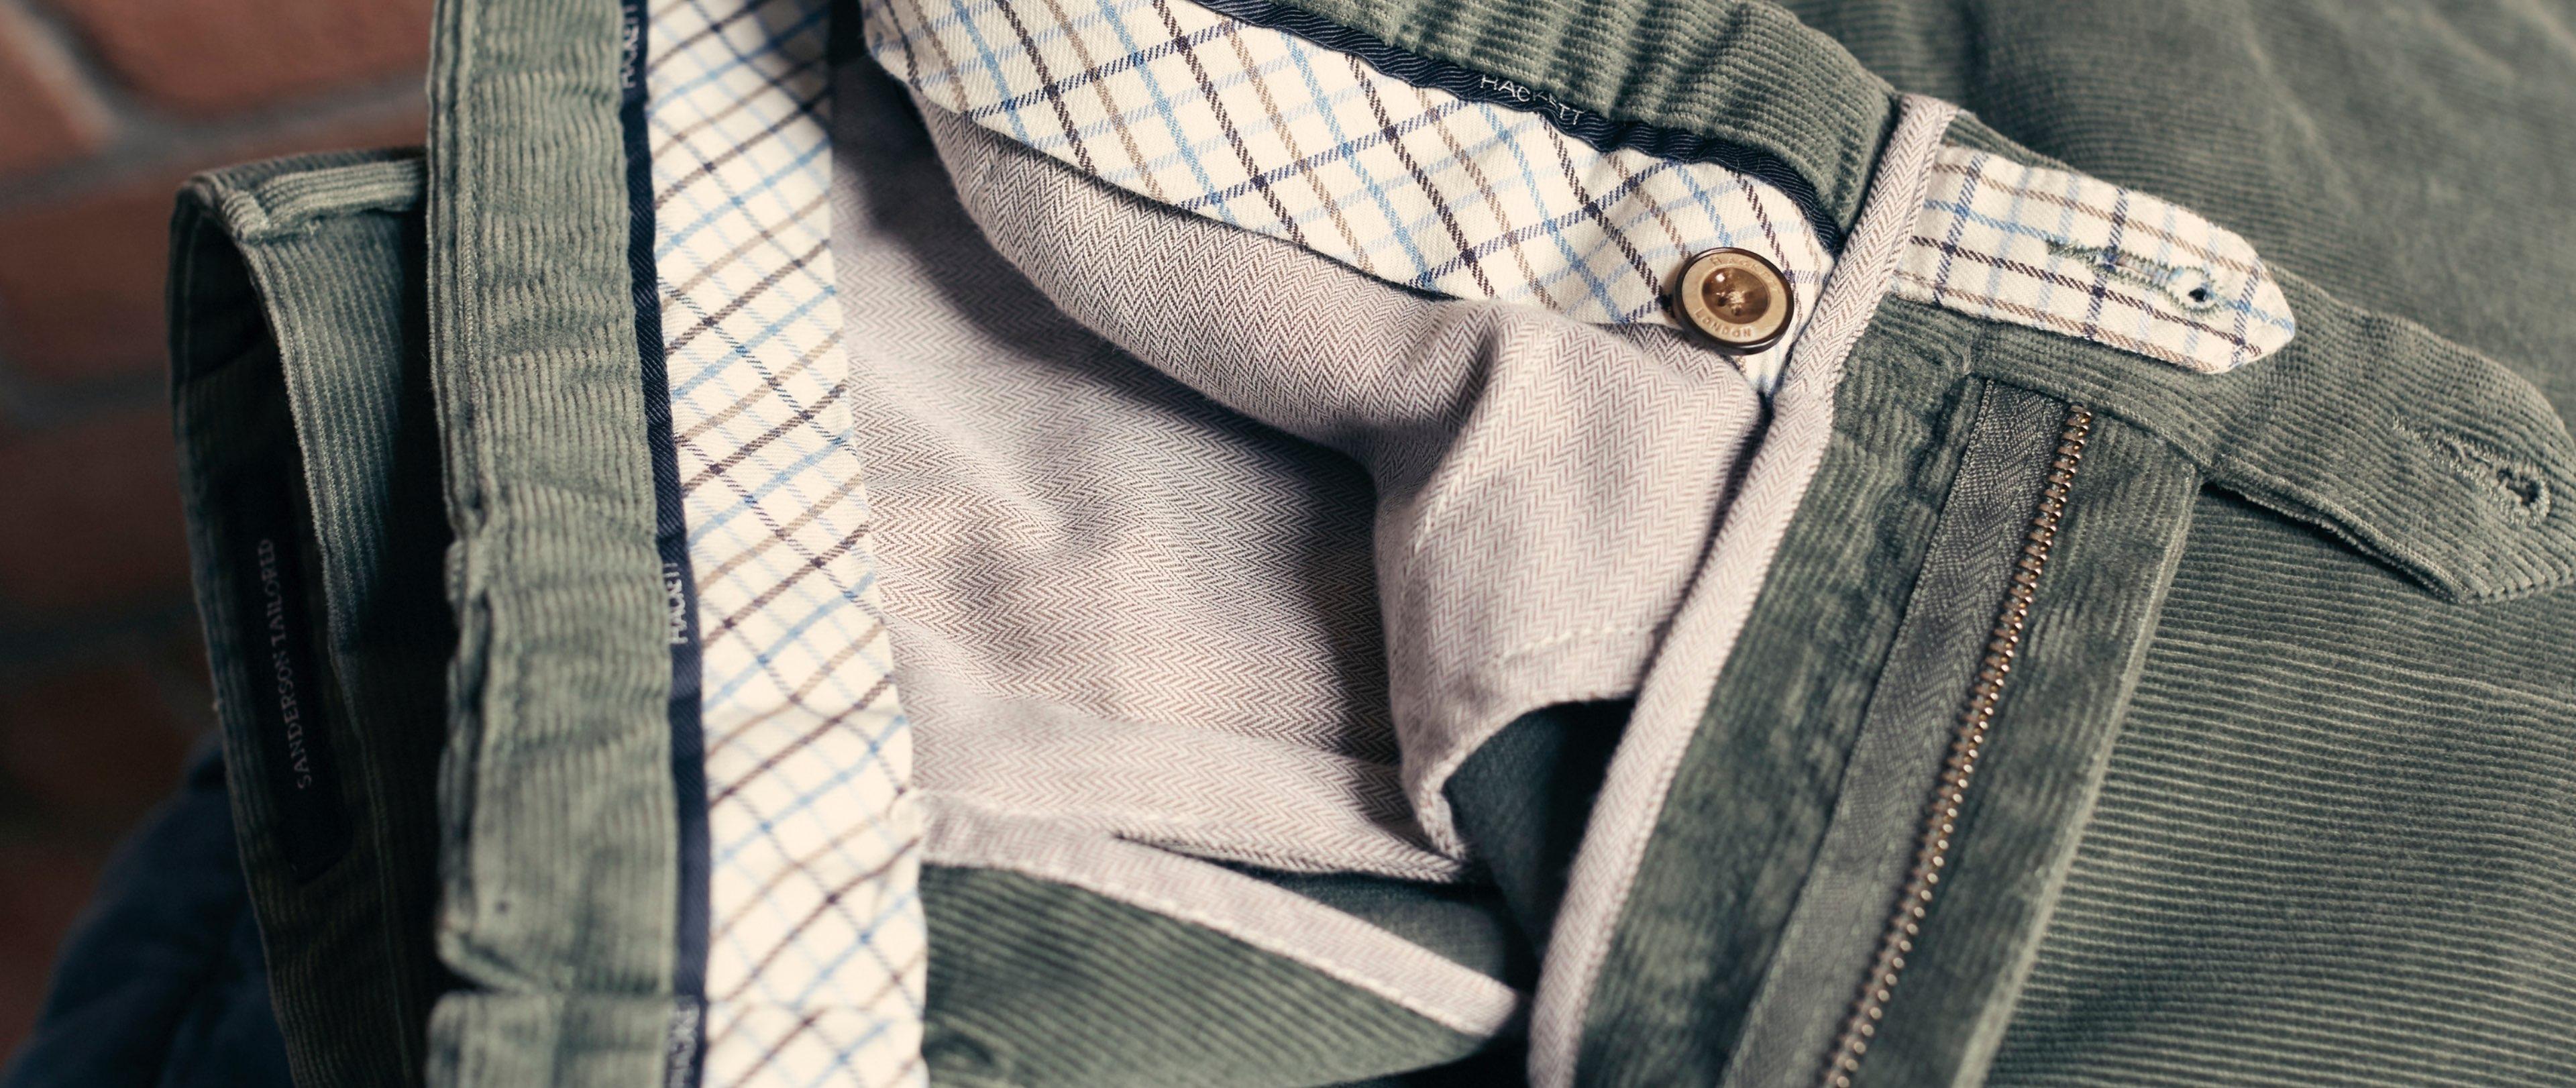 Hackett London Trouser